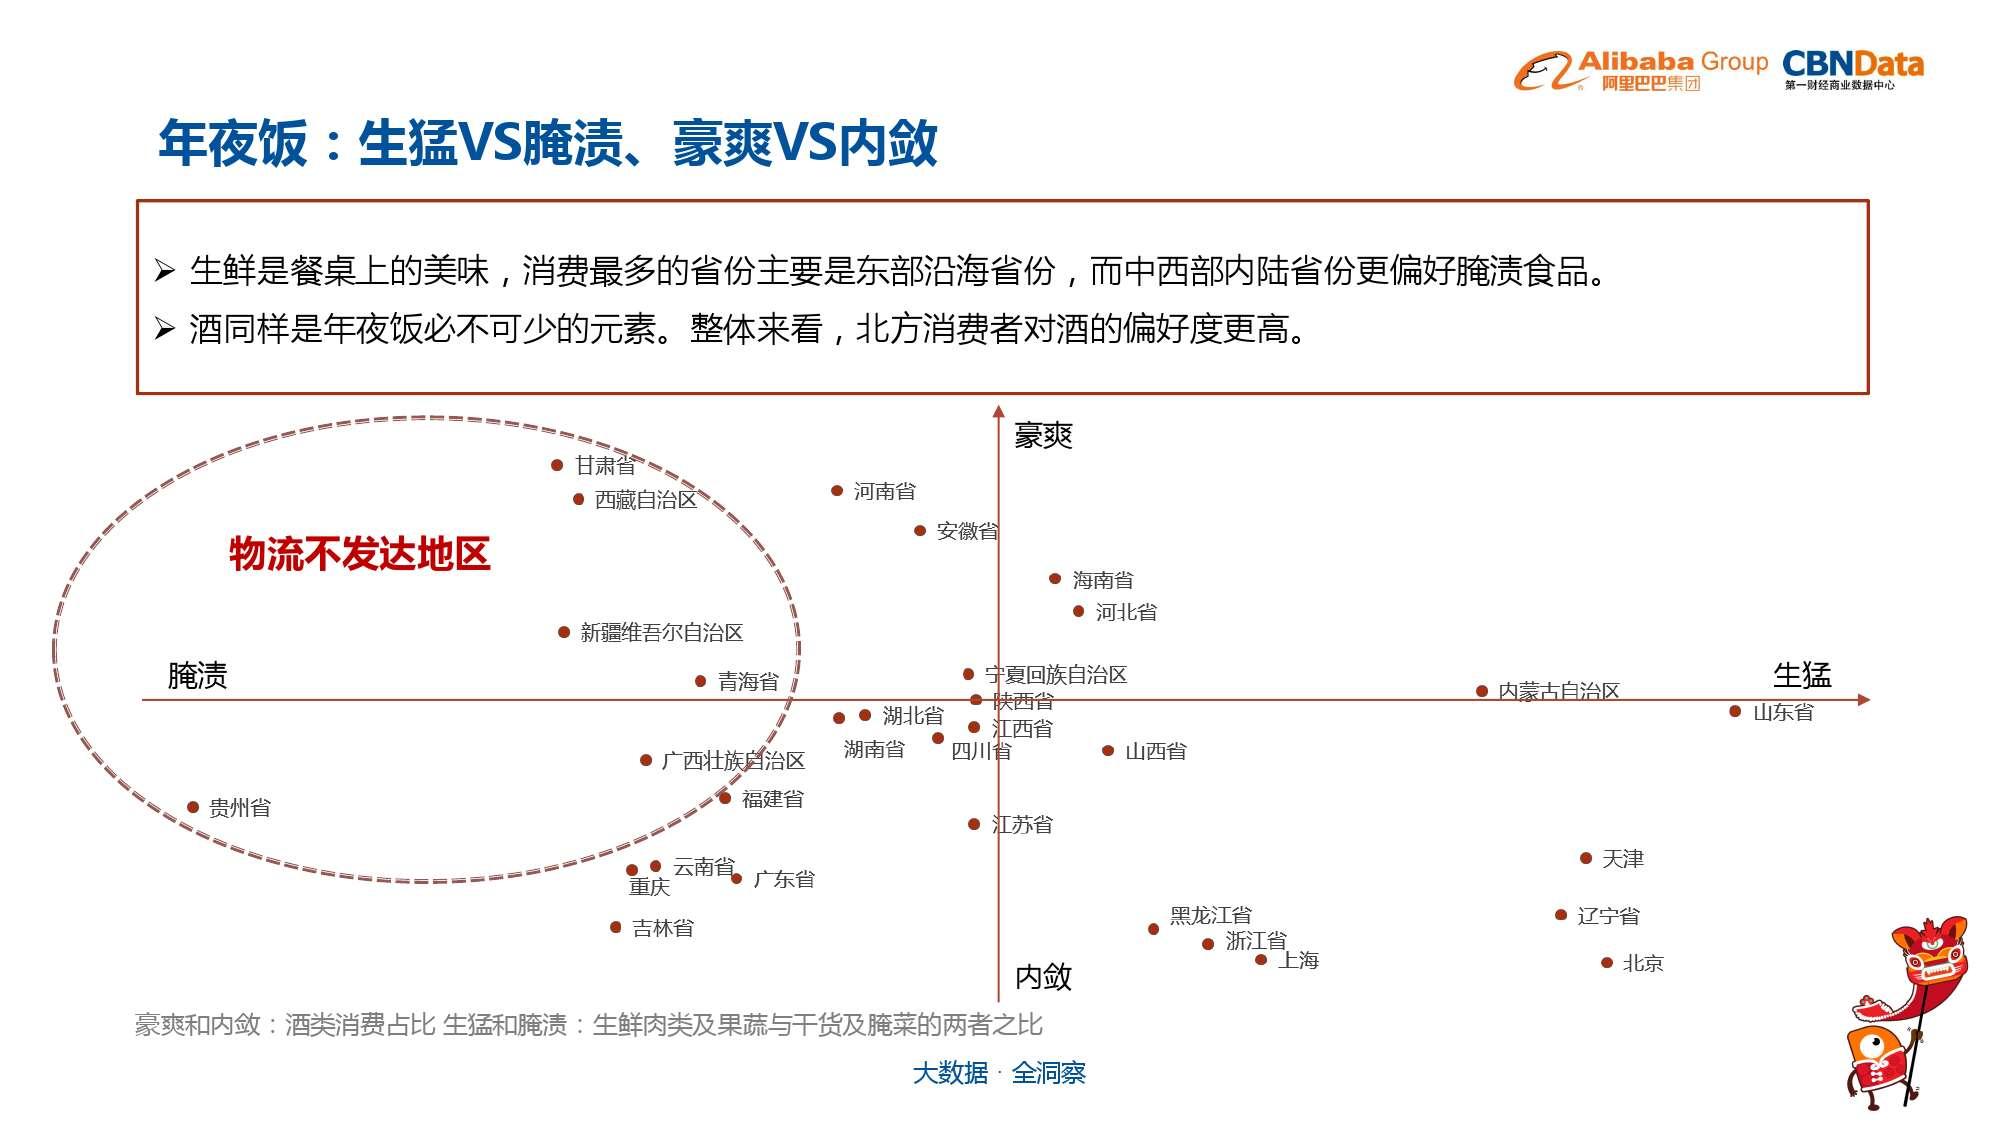 中国年货大数据报告_000015